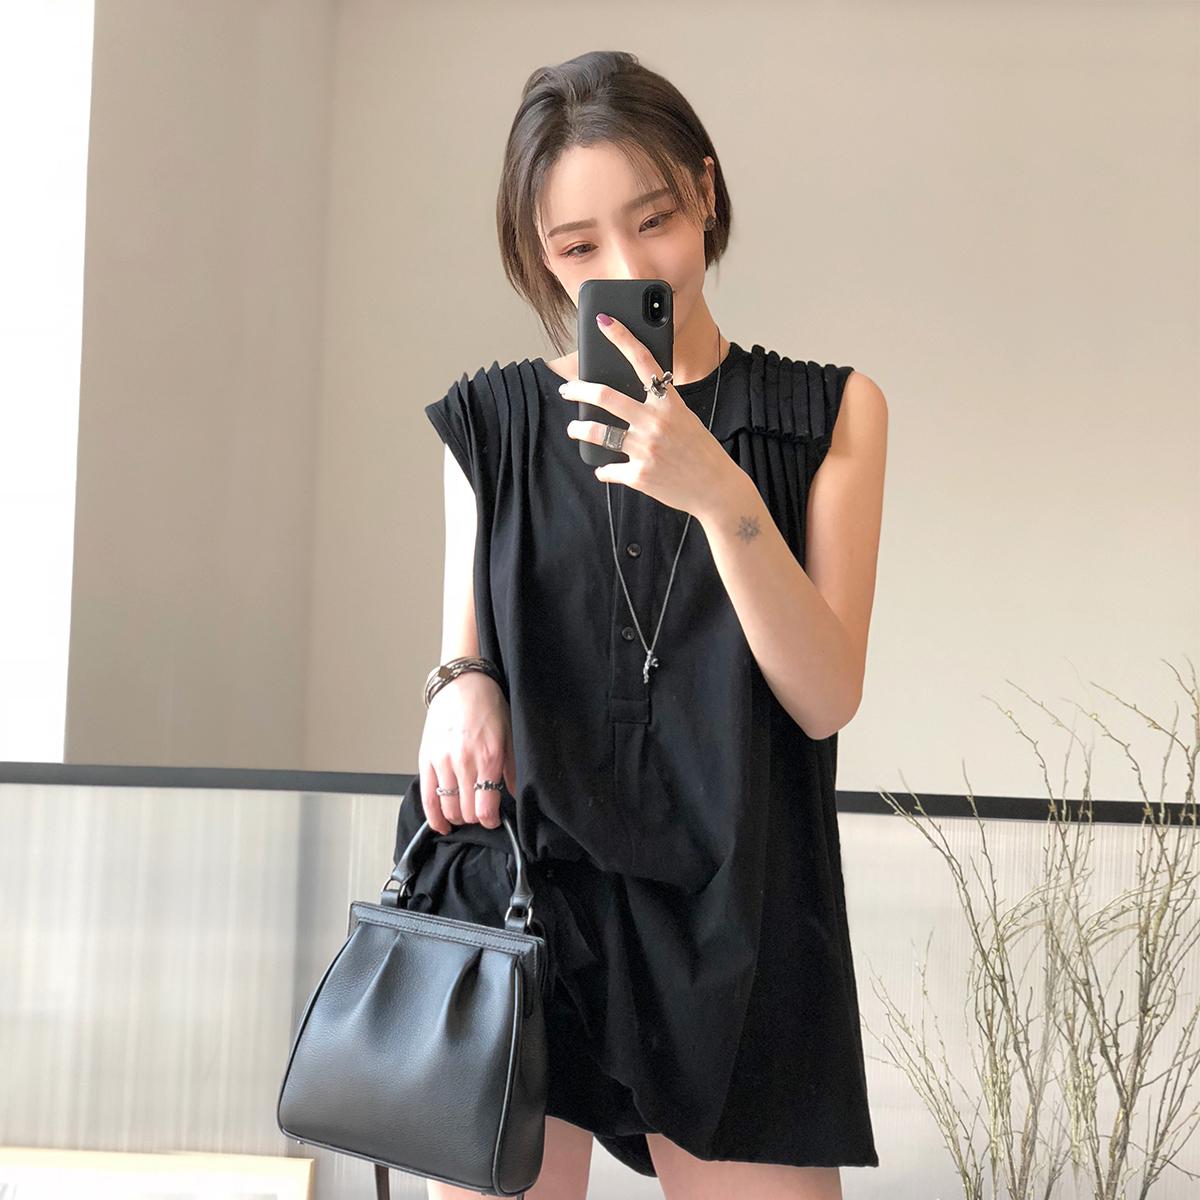 翩然/叠褶元素设计底摆穿绳自由调节堆叠花苞针织纯棉黑色上衣